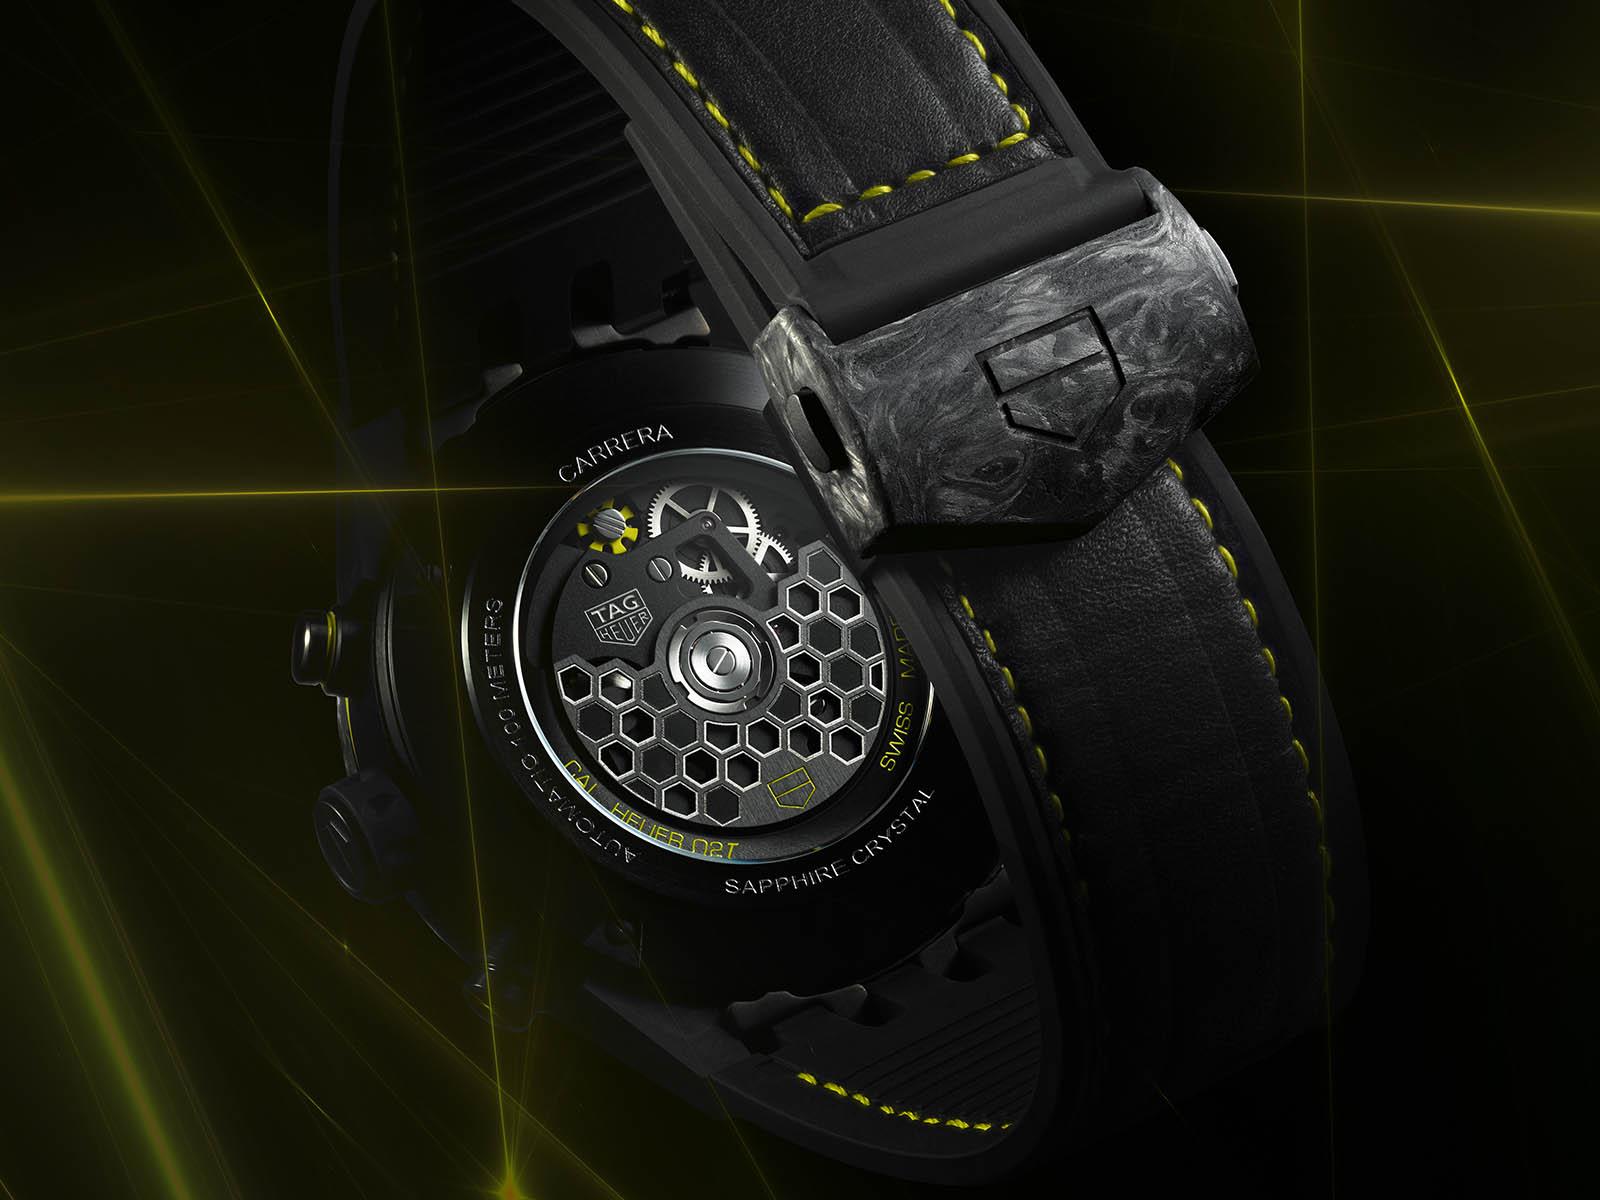 car5a8k-ft6172-tag-heuer-carrera-calibre-heuer-02t-tourbillon-nanograph-3.jpg